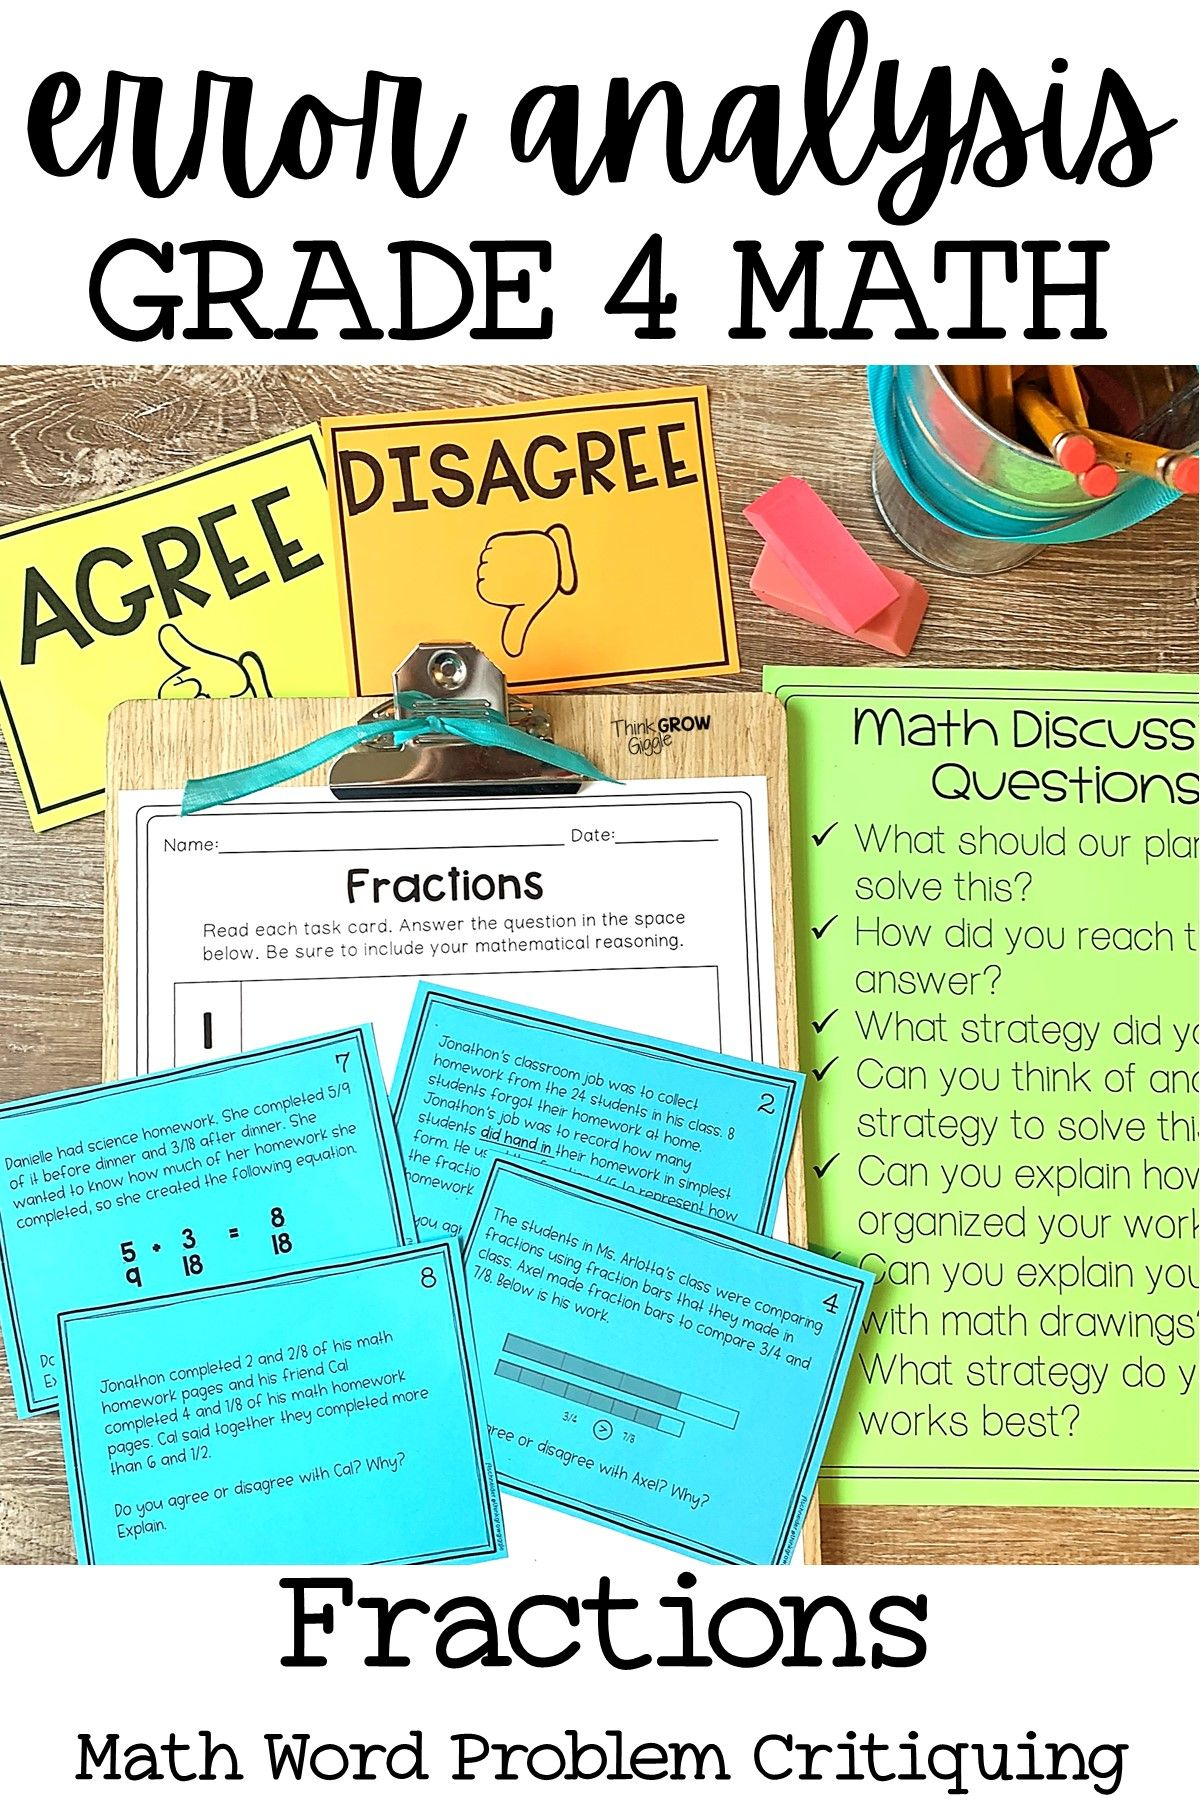 Fractions Errorysis Math Grade 4